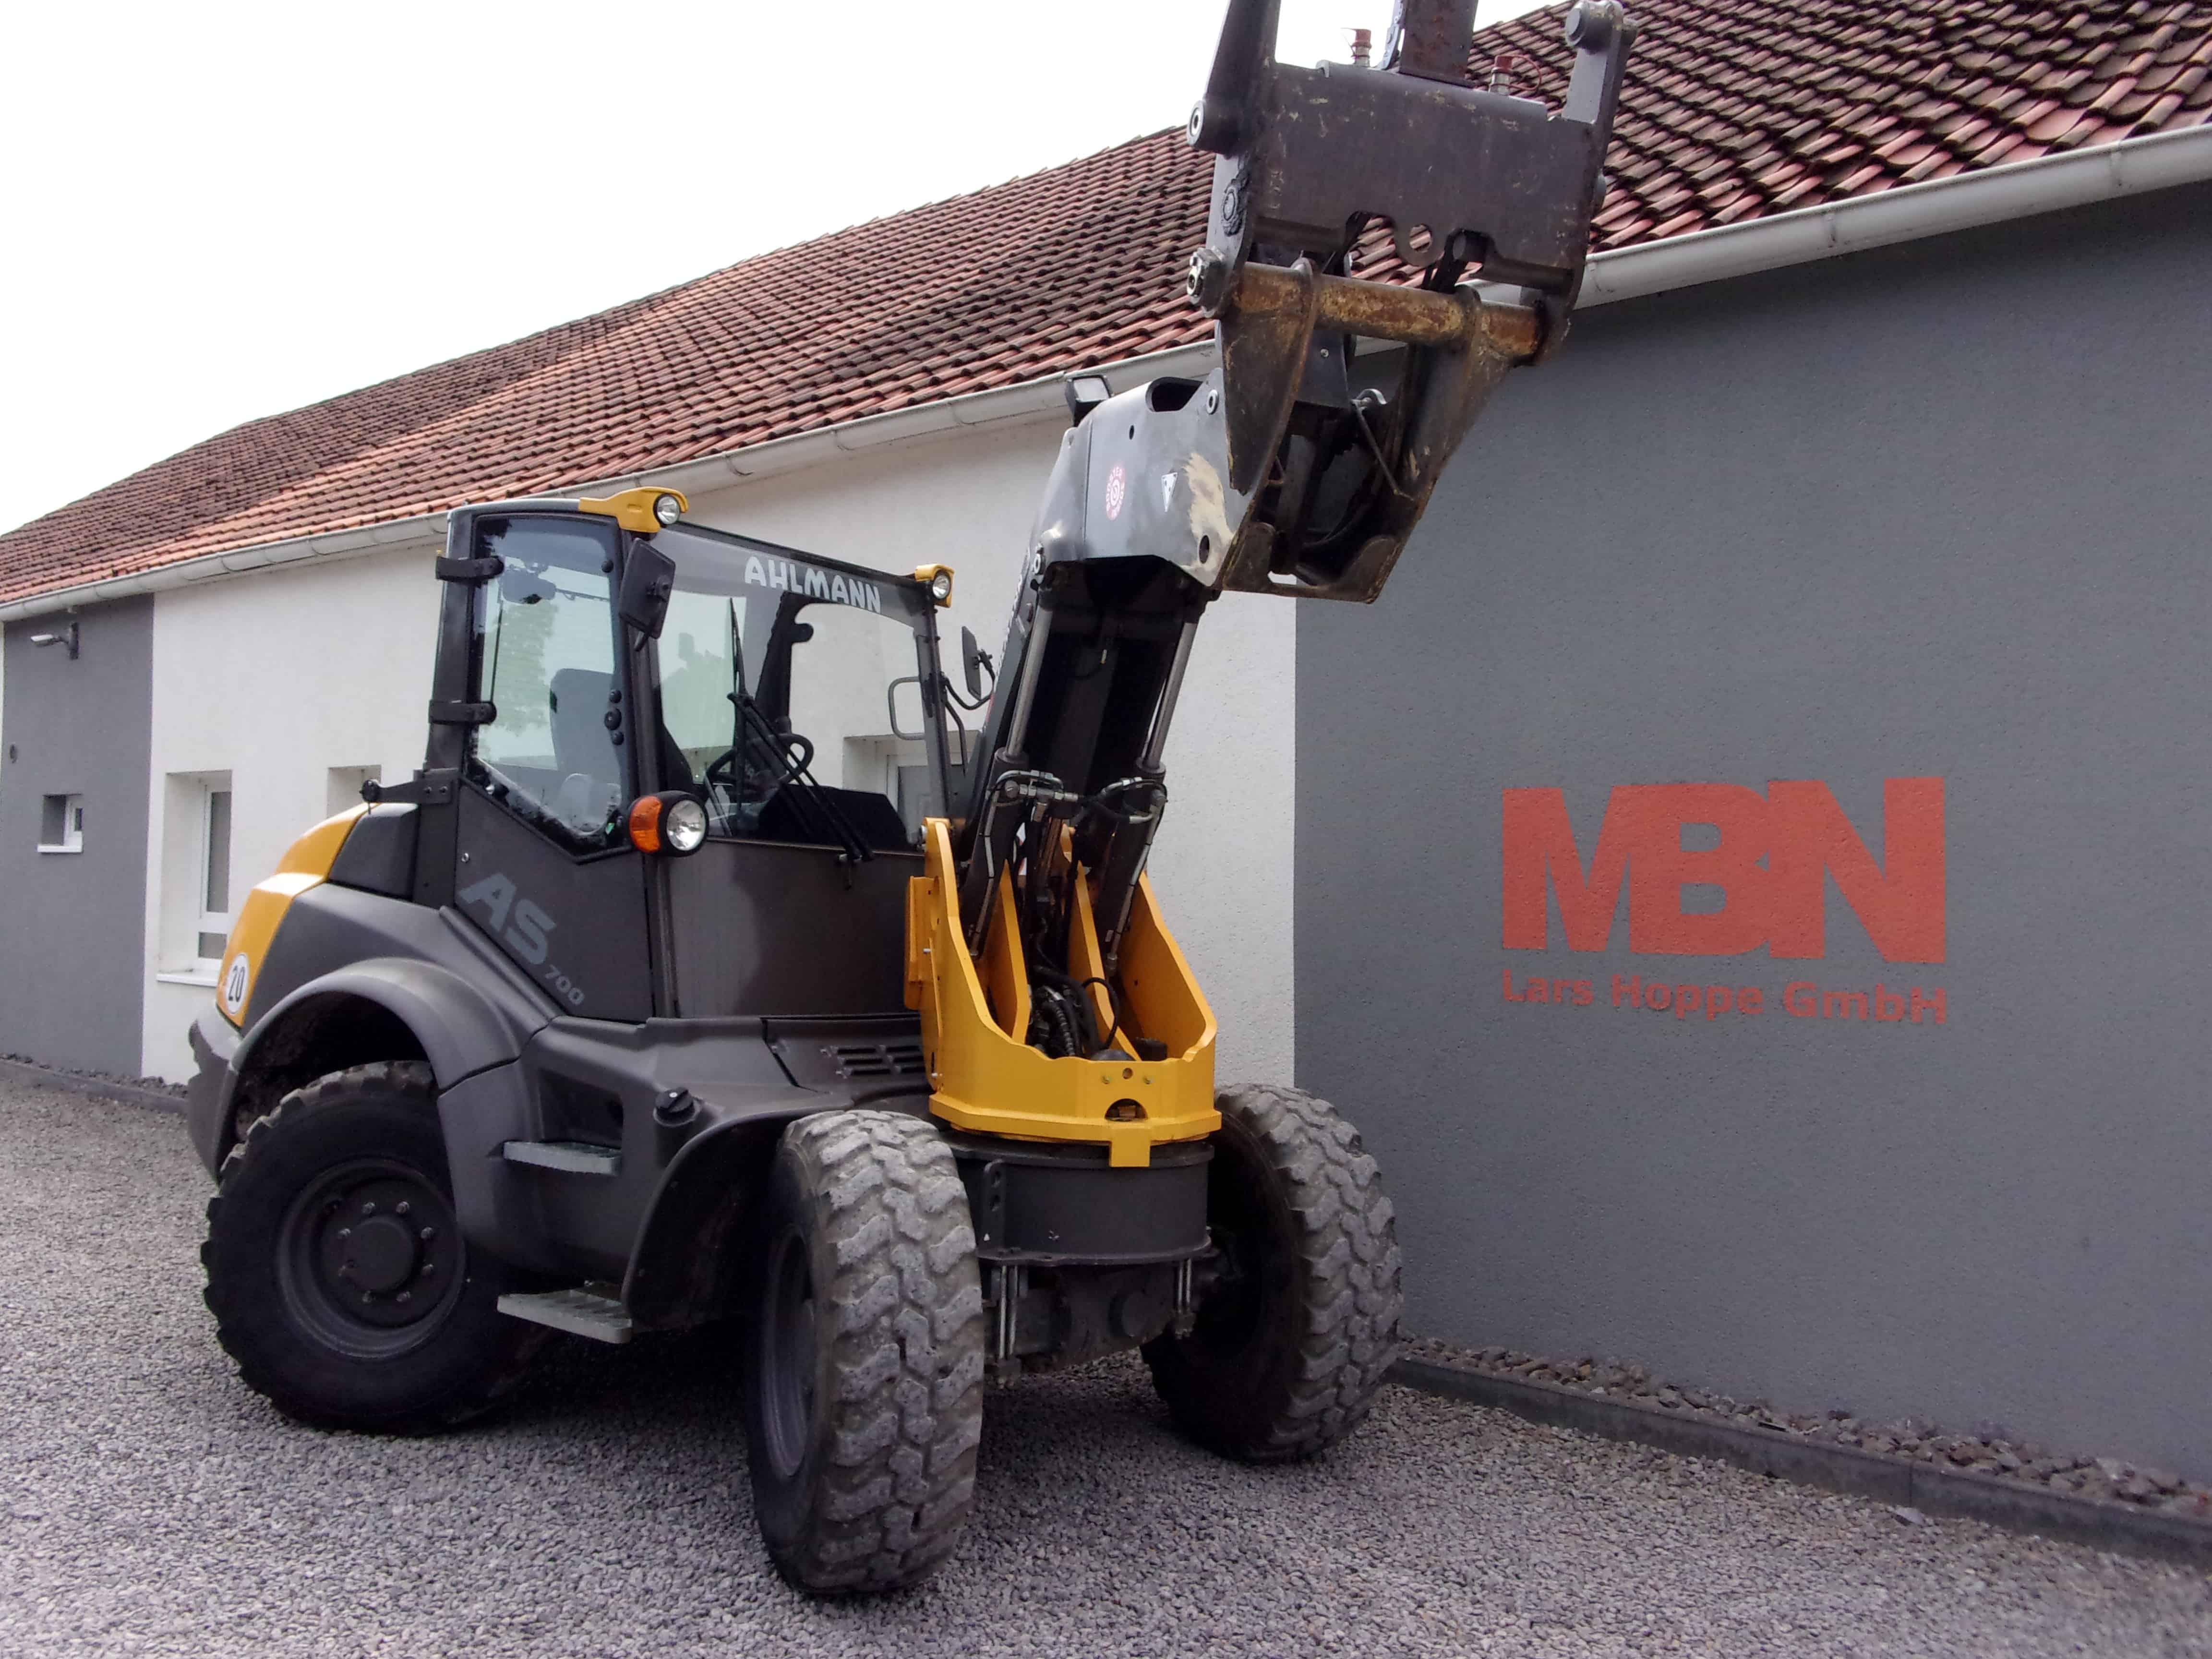 AHLMANN-AS700-AS-700-gebraucht-schwenklader-radlader-MBN-Baumaschinen-kaufen-Gebraucht-verkaufen